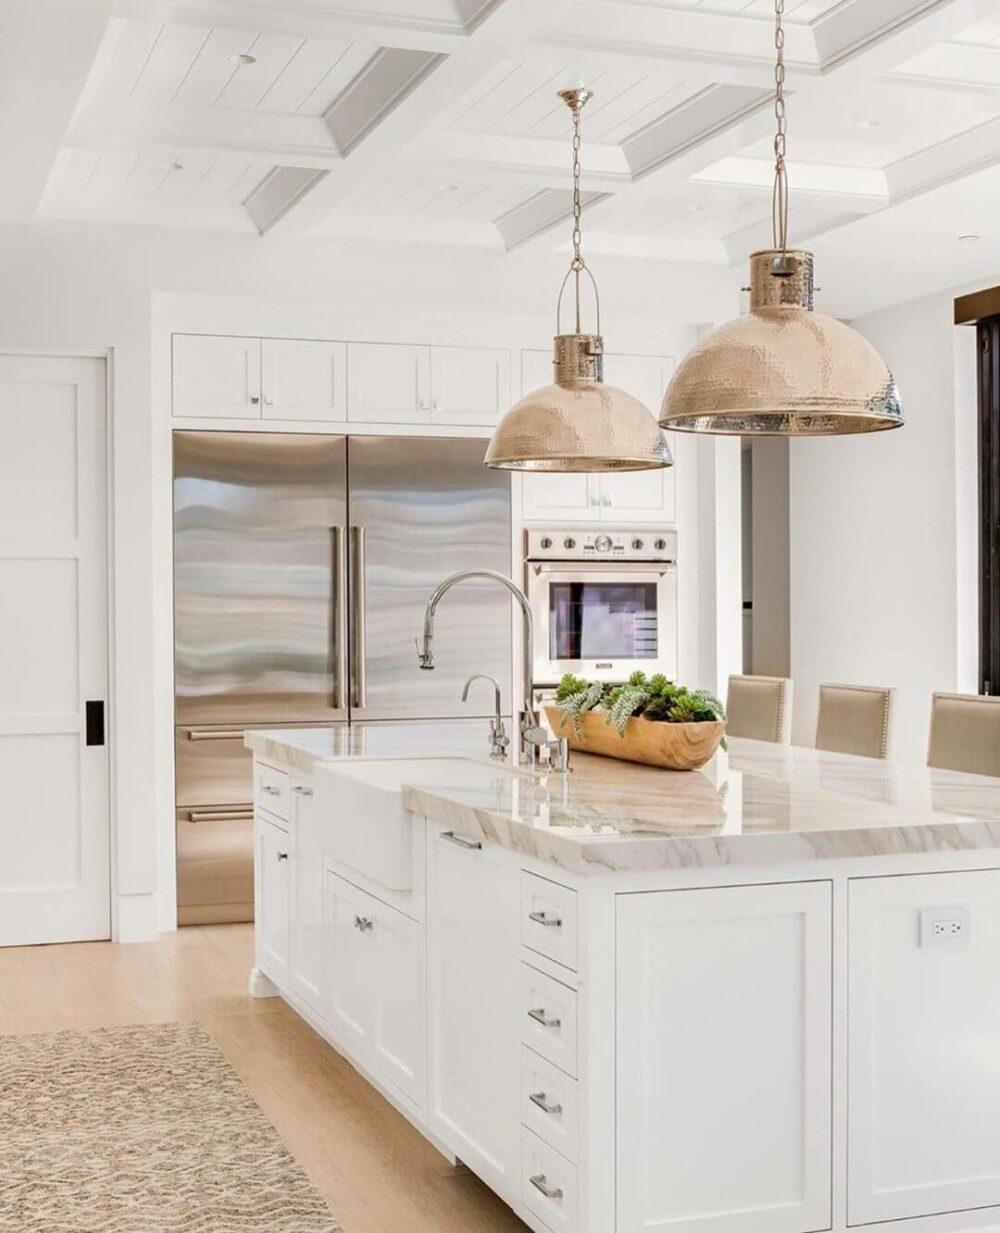 lighting kitchen island ideas